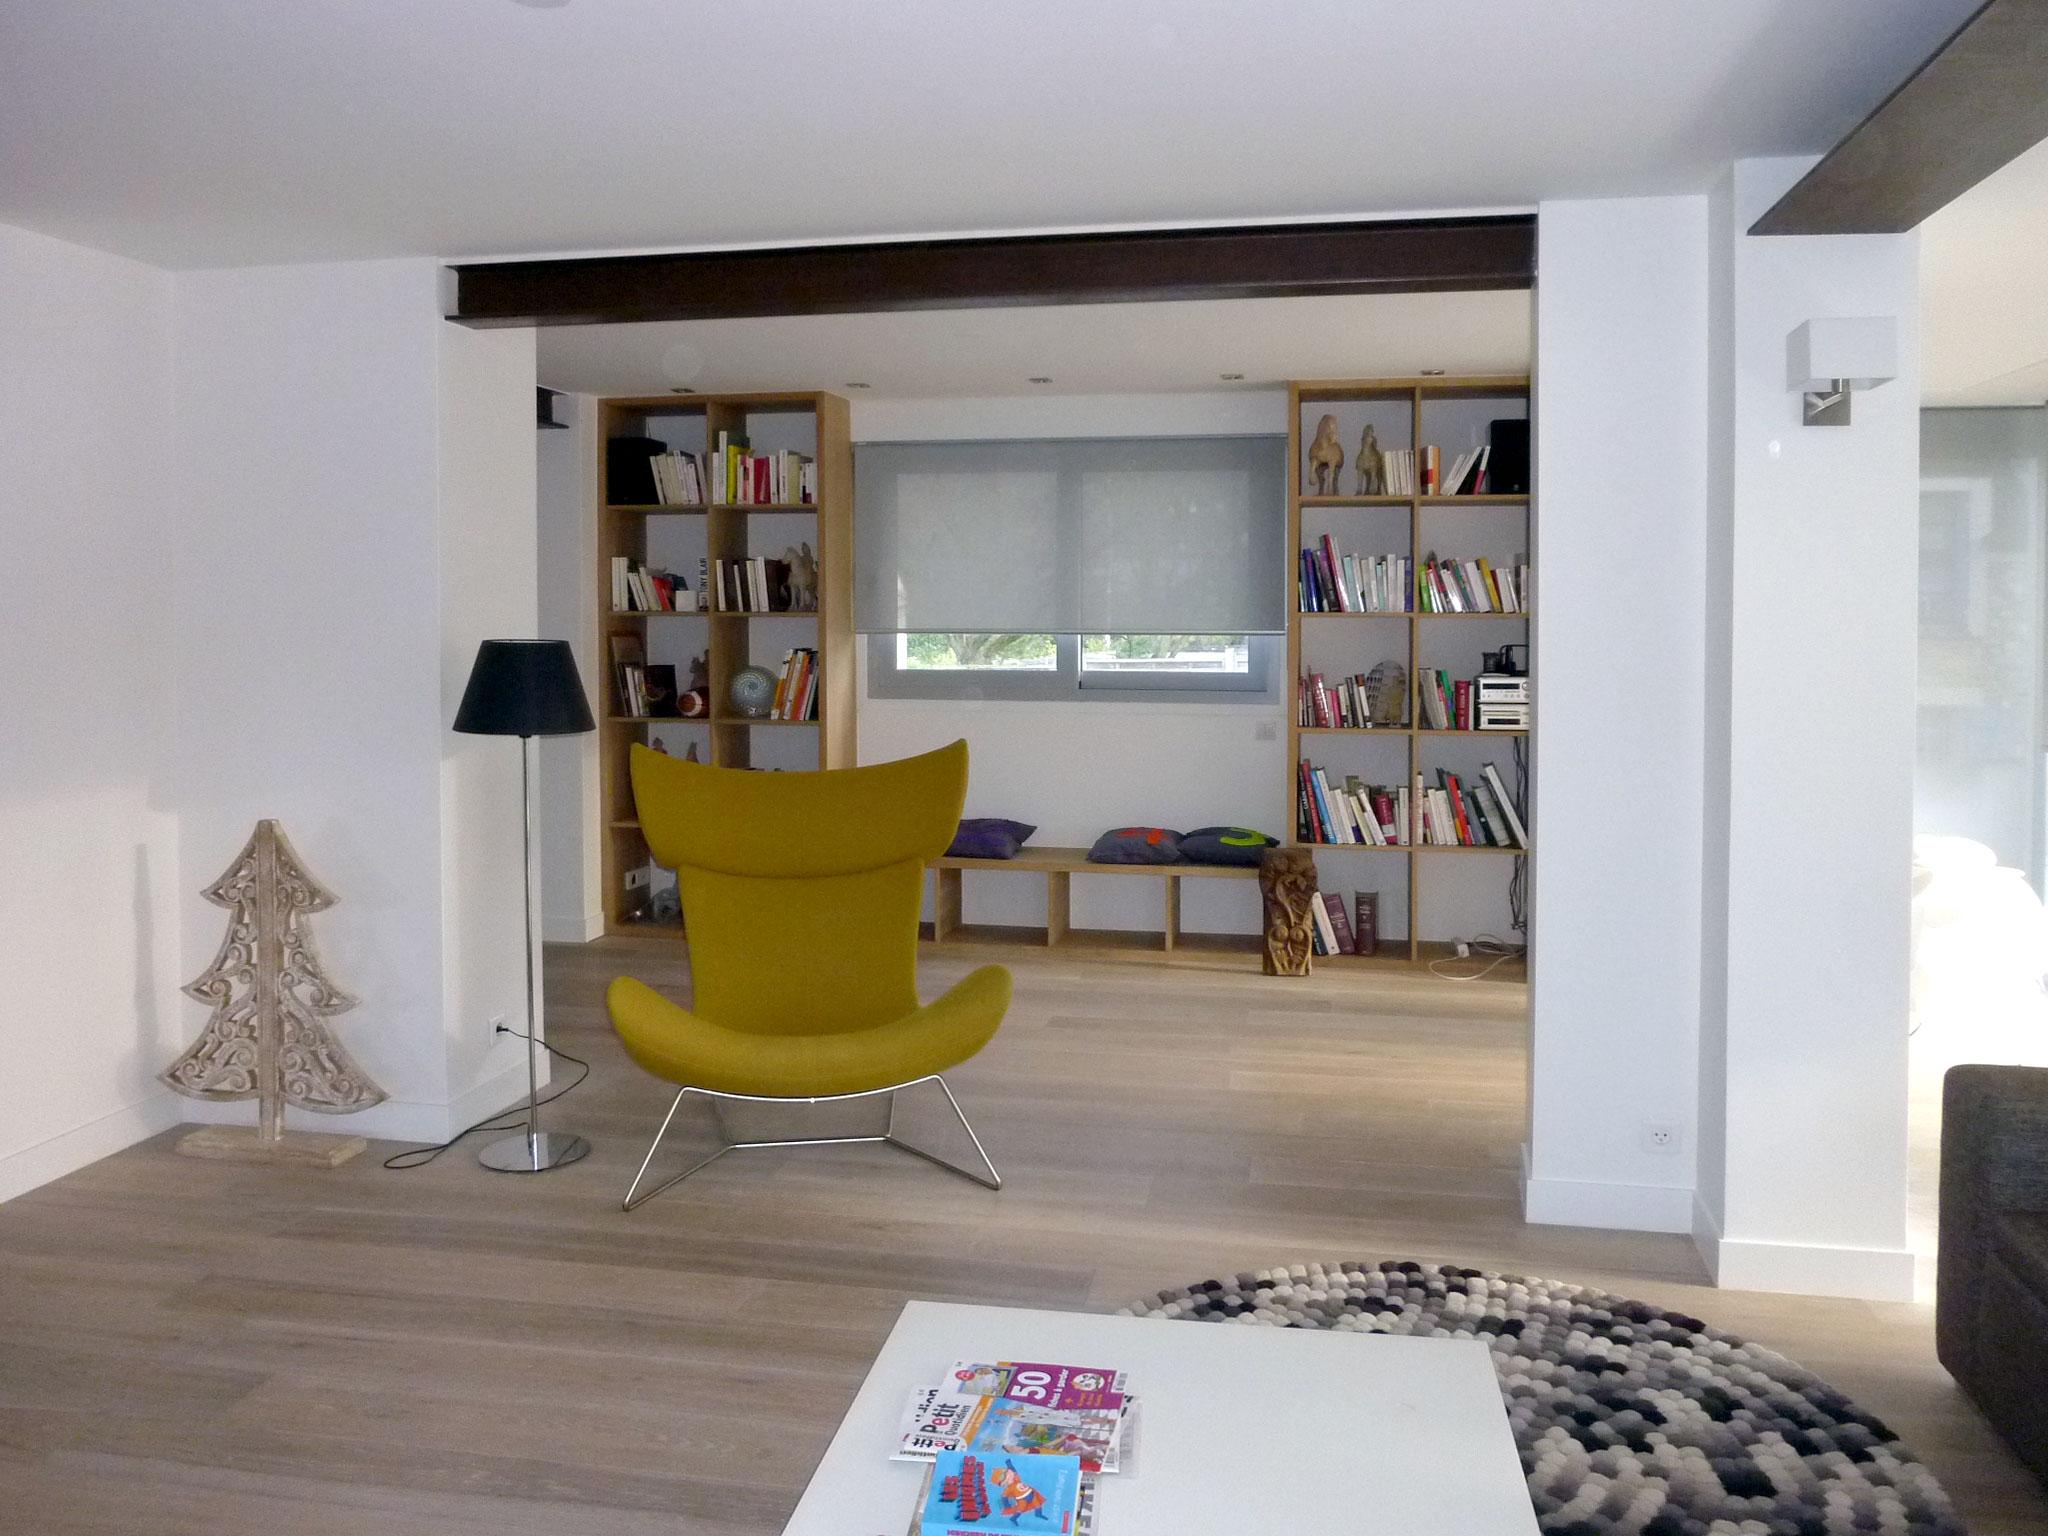 olivier-stadler-architecte-maison-noisy-le-roi (6)